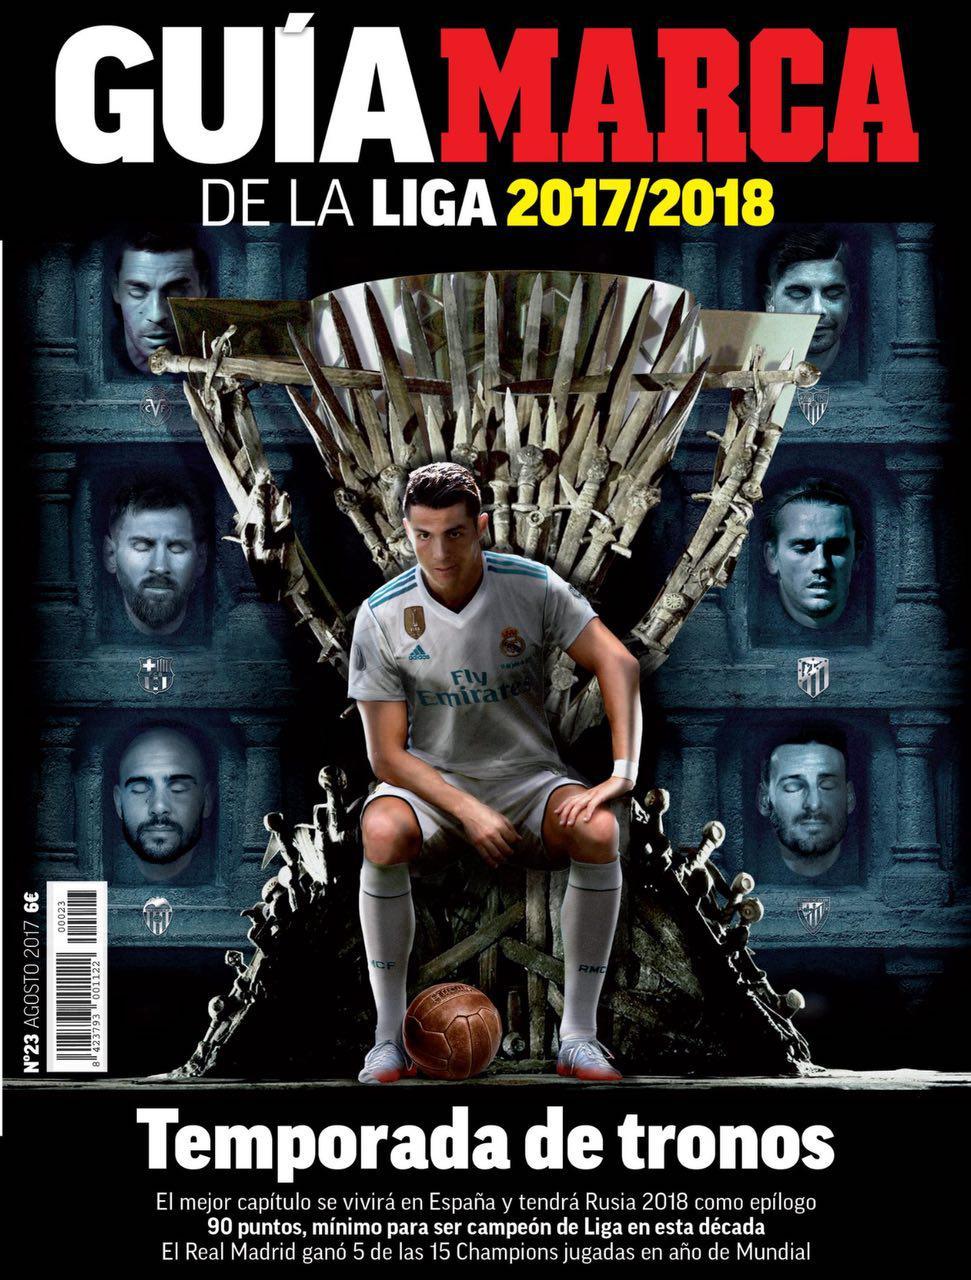 جلد استثنایی مارکا برای آغاز فصل فوتبال اسپانیا